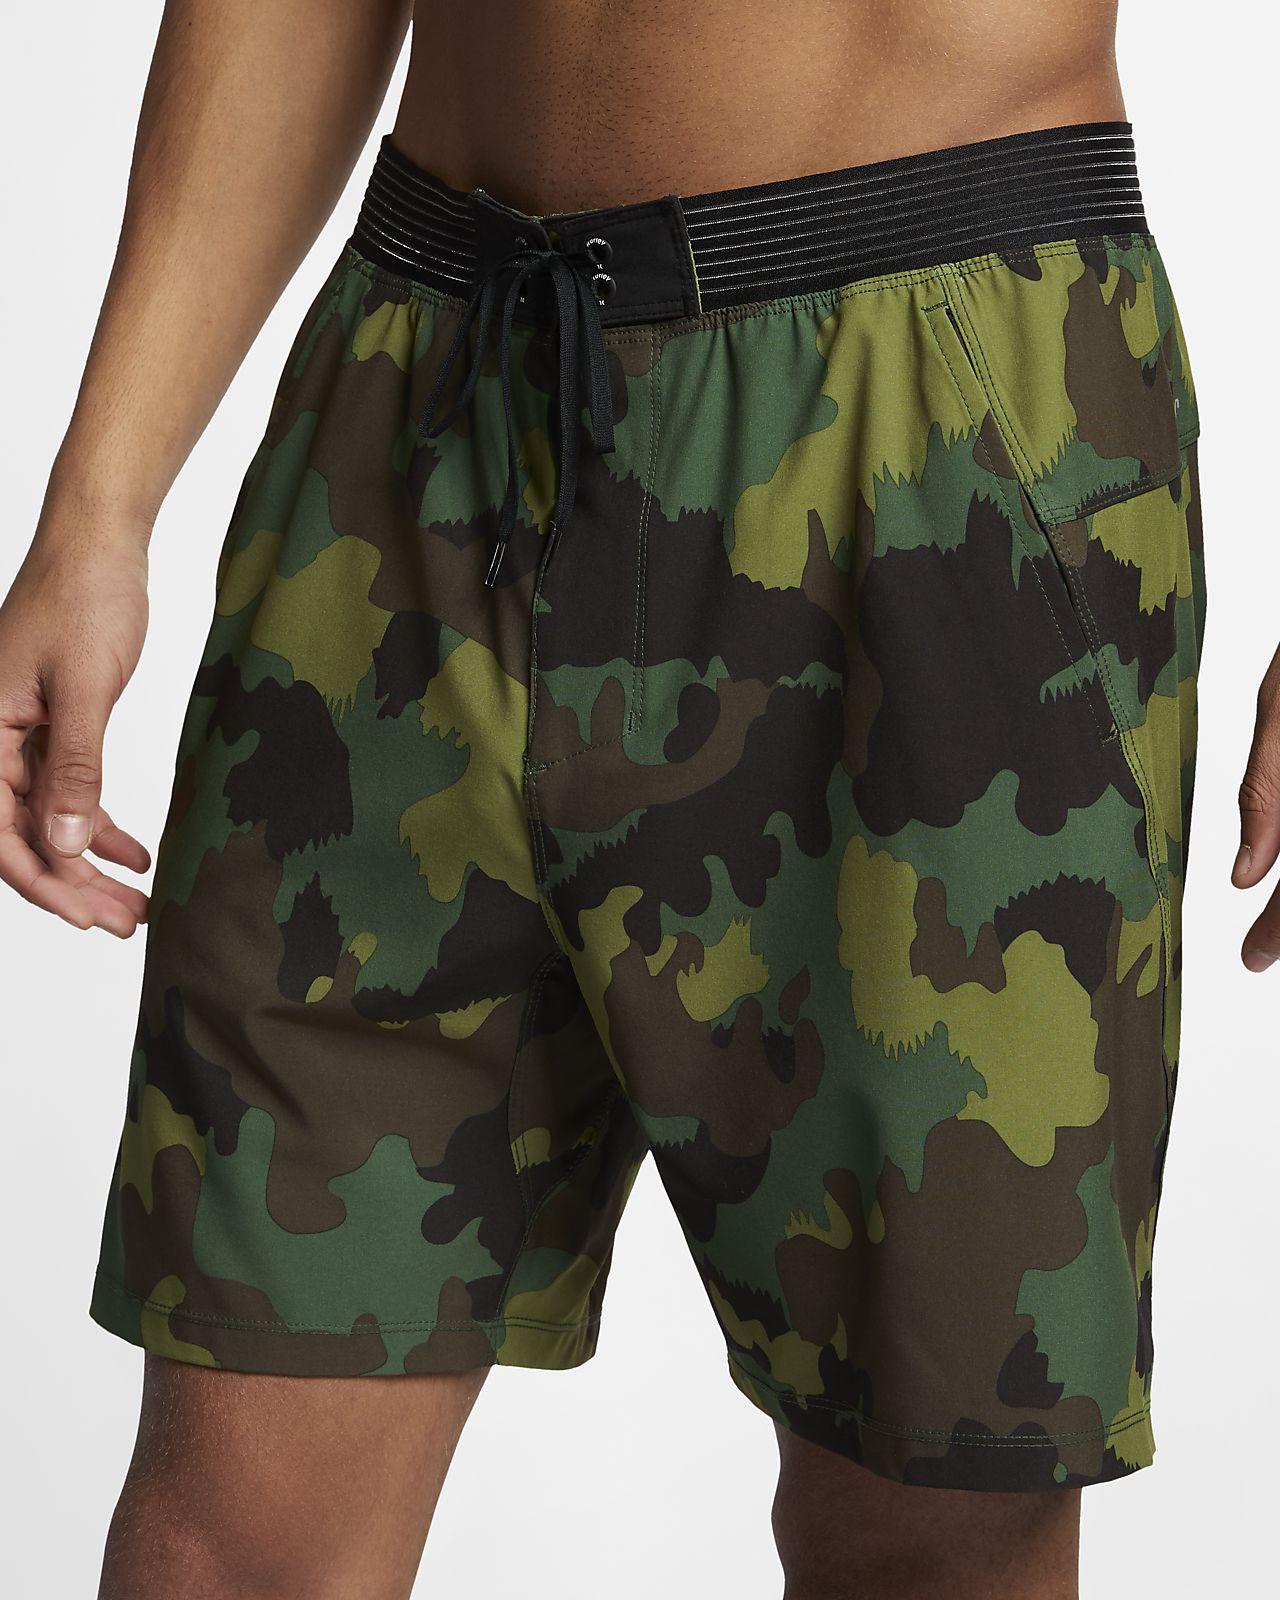 Shorts de camuflaje de 46 cm para hombre Hurley Phantom Alpha Trainer